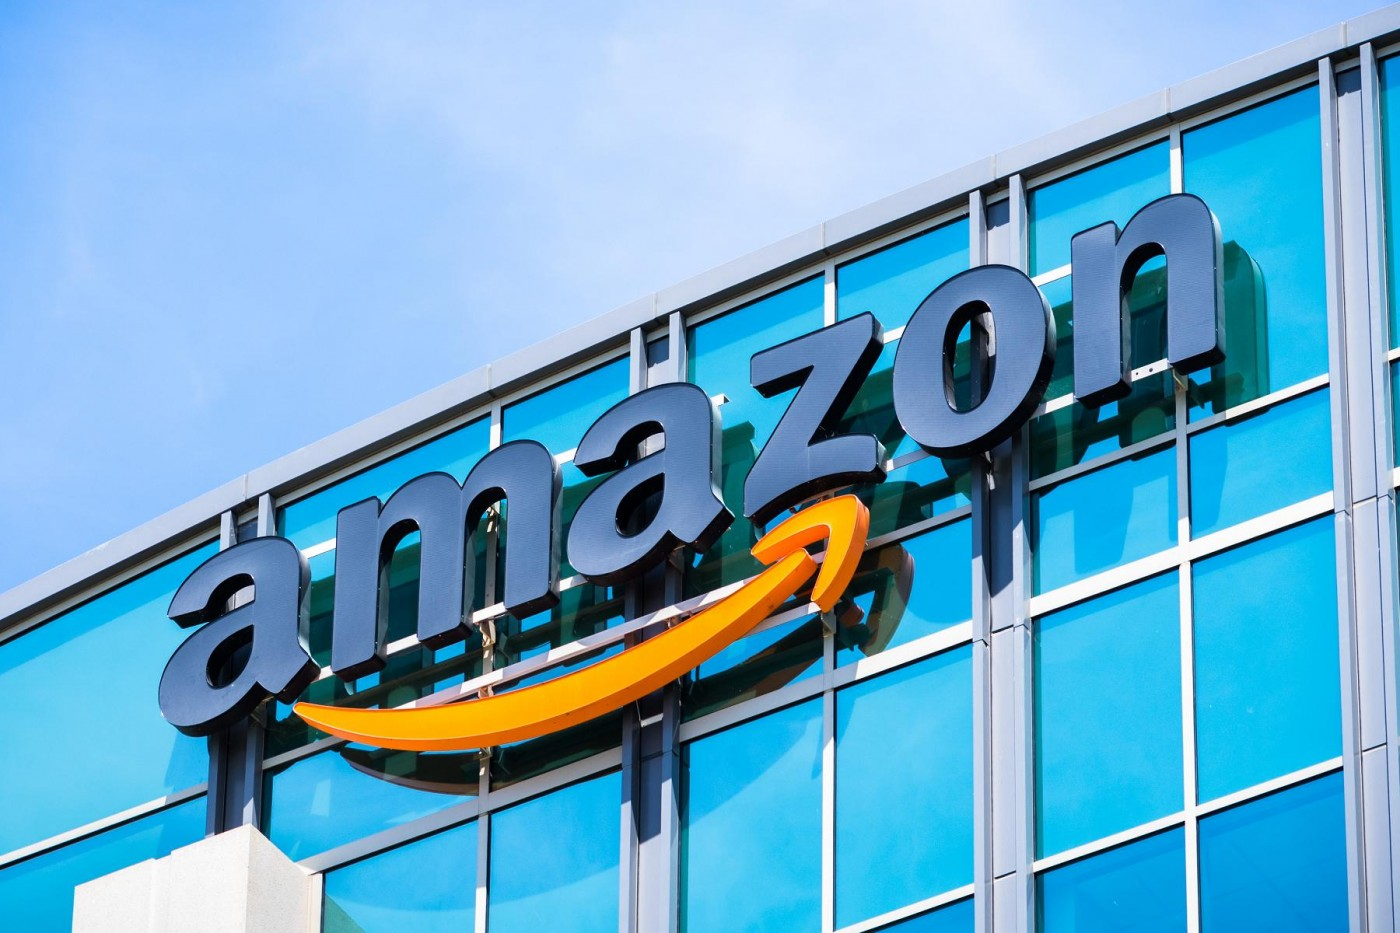 矽谷掀在家工作潮,零工生計受衝擊?亞馬遜、微軟、Facebook等大廠表態,薪水照付!